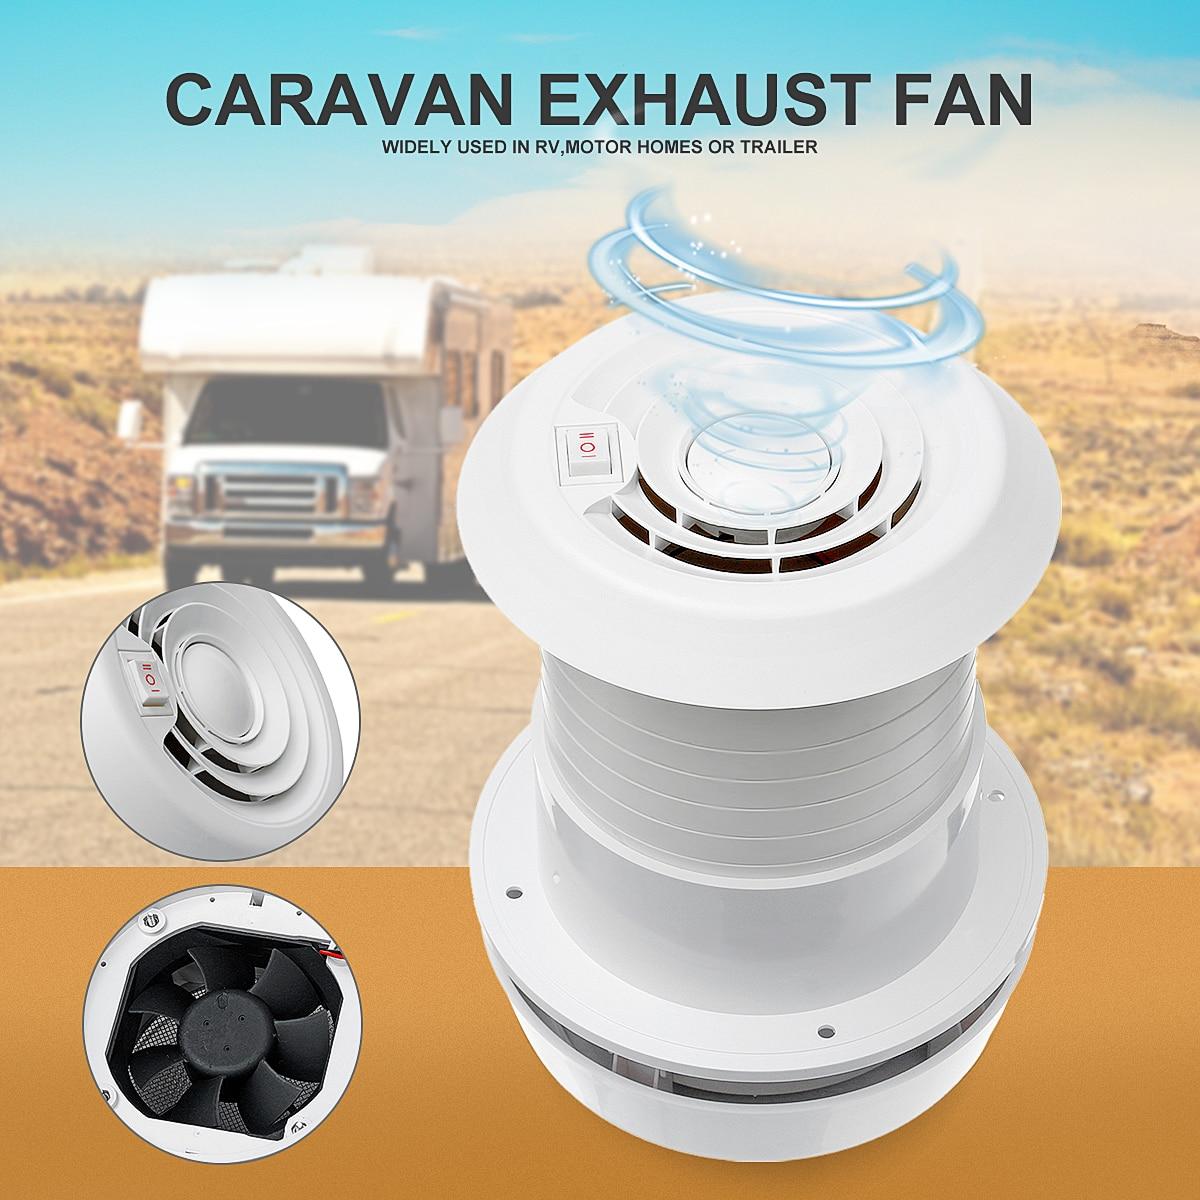 WARMTOO 1 pièces 12 V RV économie d'énergie camping-car toit Ventilation refroidissement ventilateur d'échappement silencieux pour les maisons remorque voyage moteur